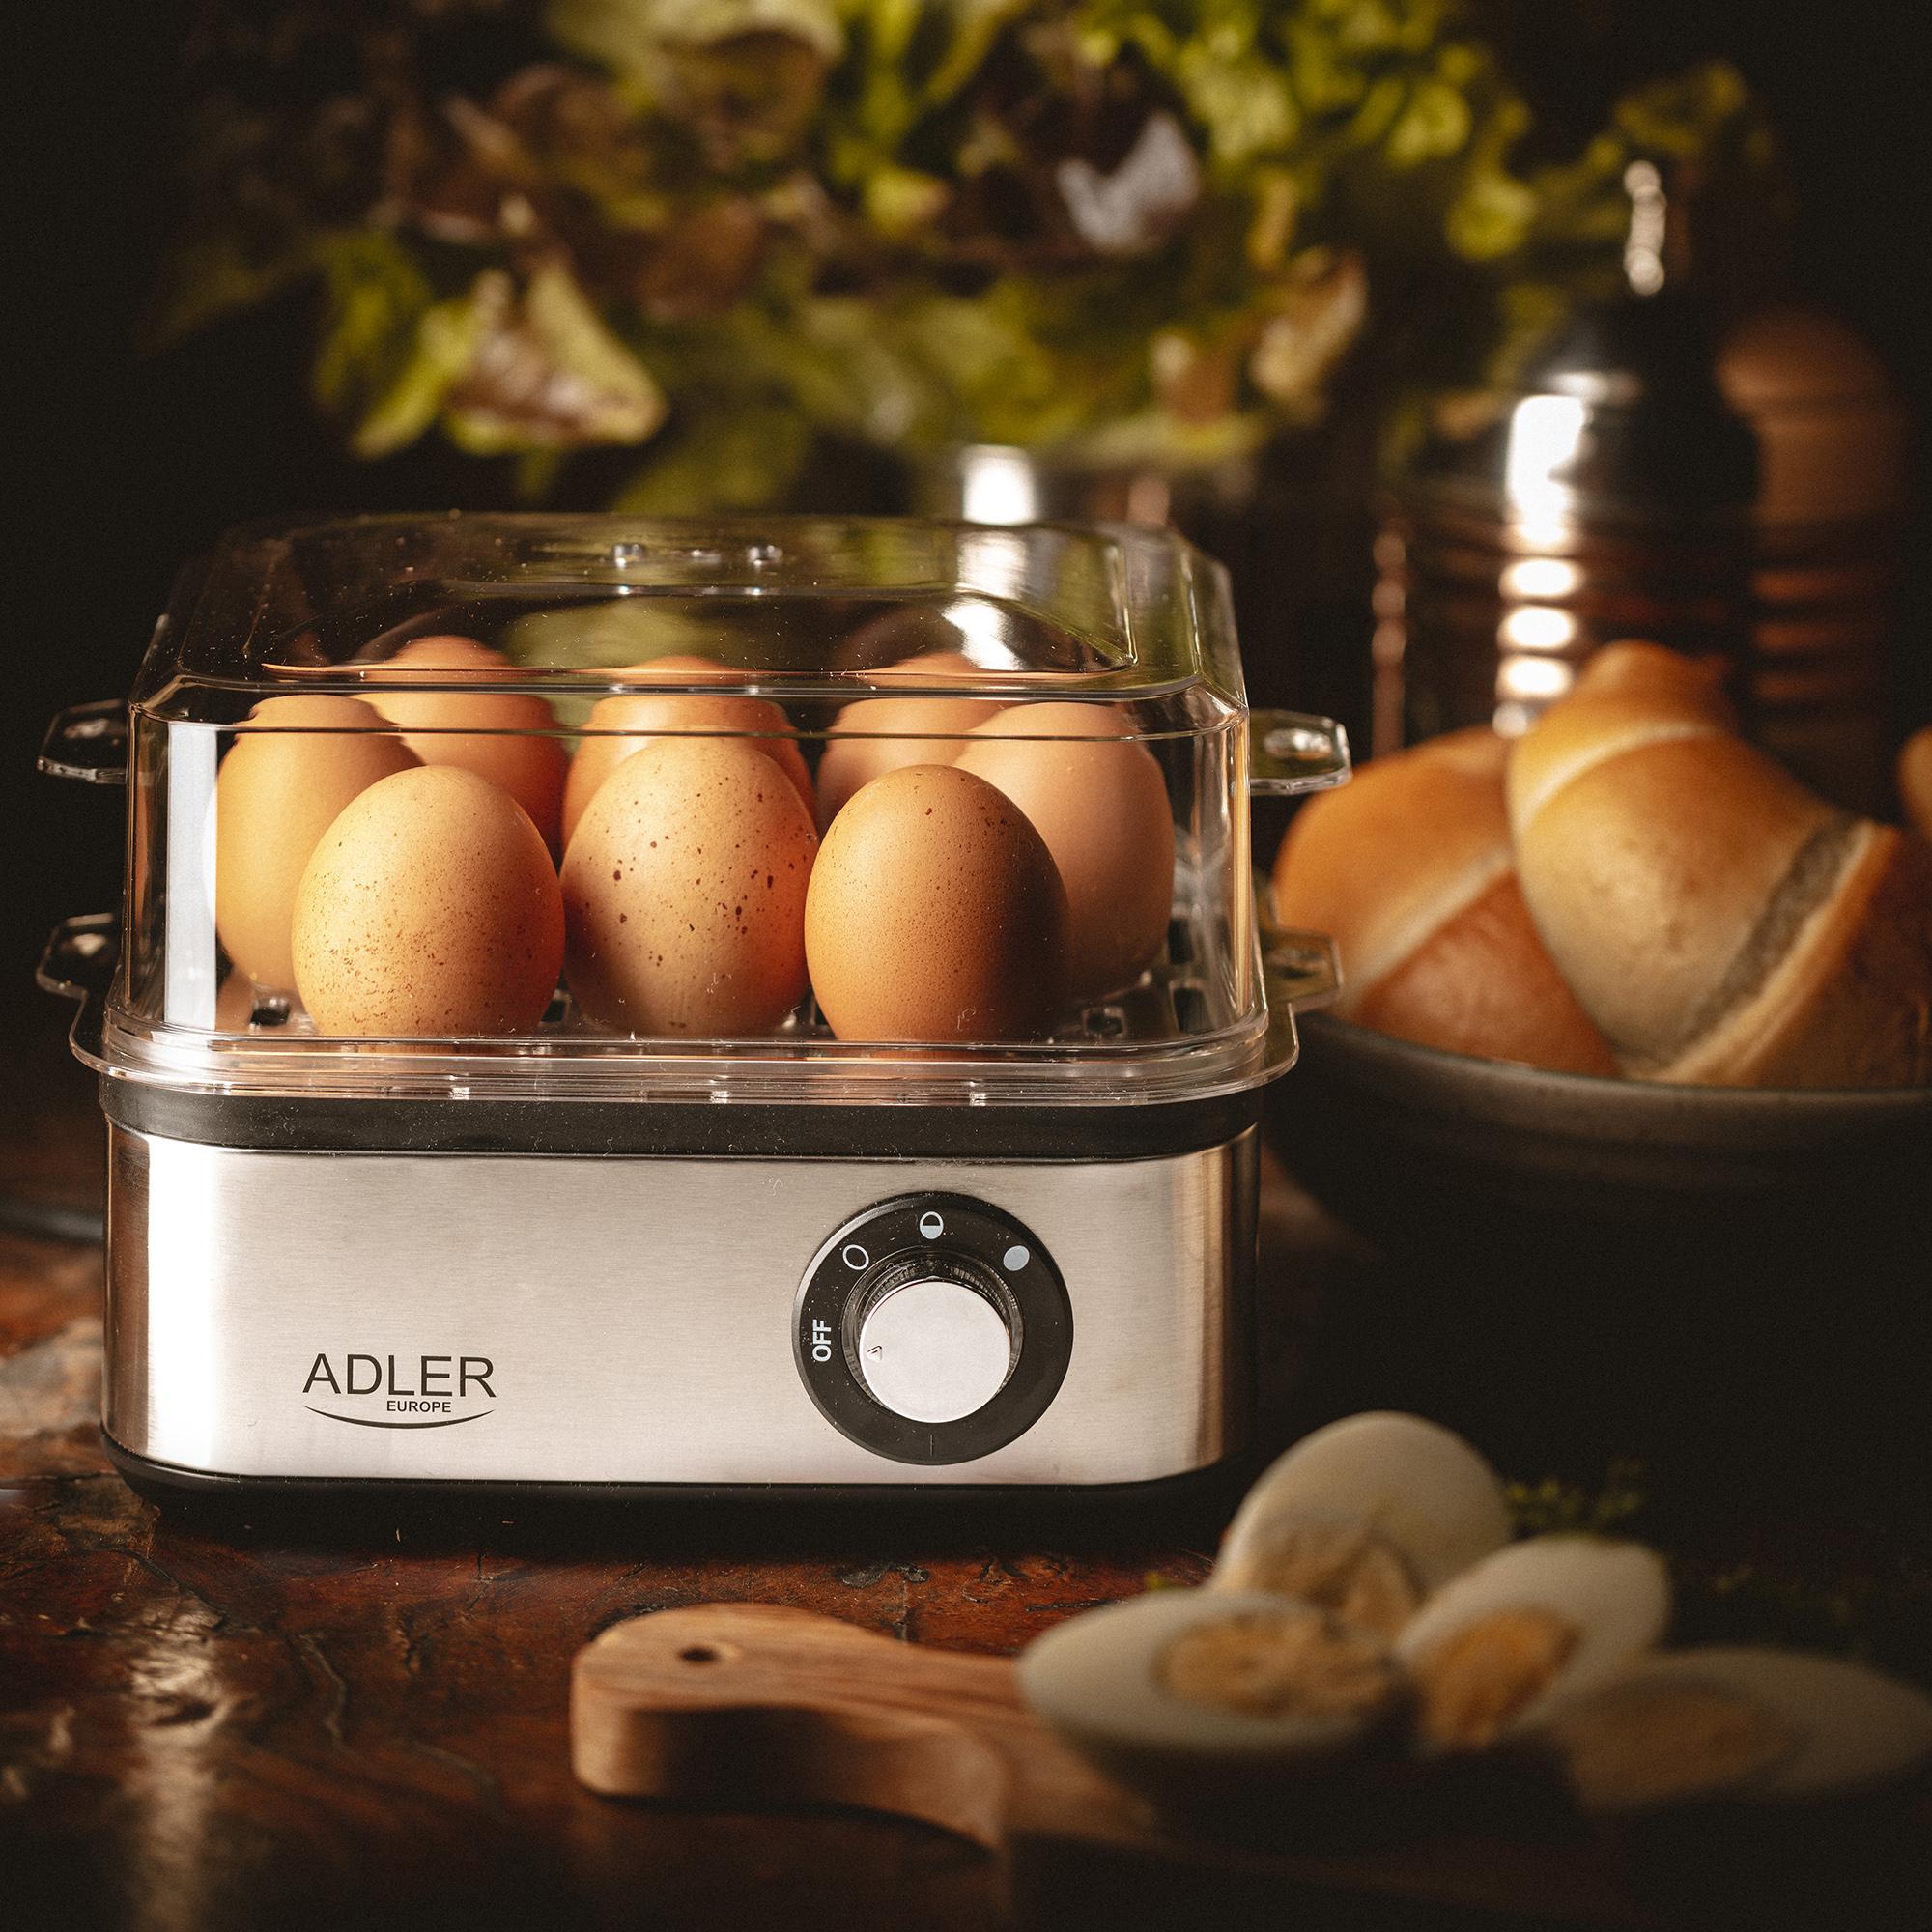 ADLER AD-4486 Cuece Huevos Eléctrico para 8 Huevos,Acero Inoxidable, Ajuste de Cocción, Protección por Sobre Calentamiento, 800W, Libre de BPA